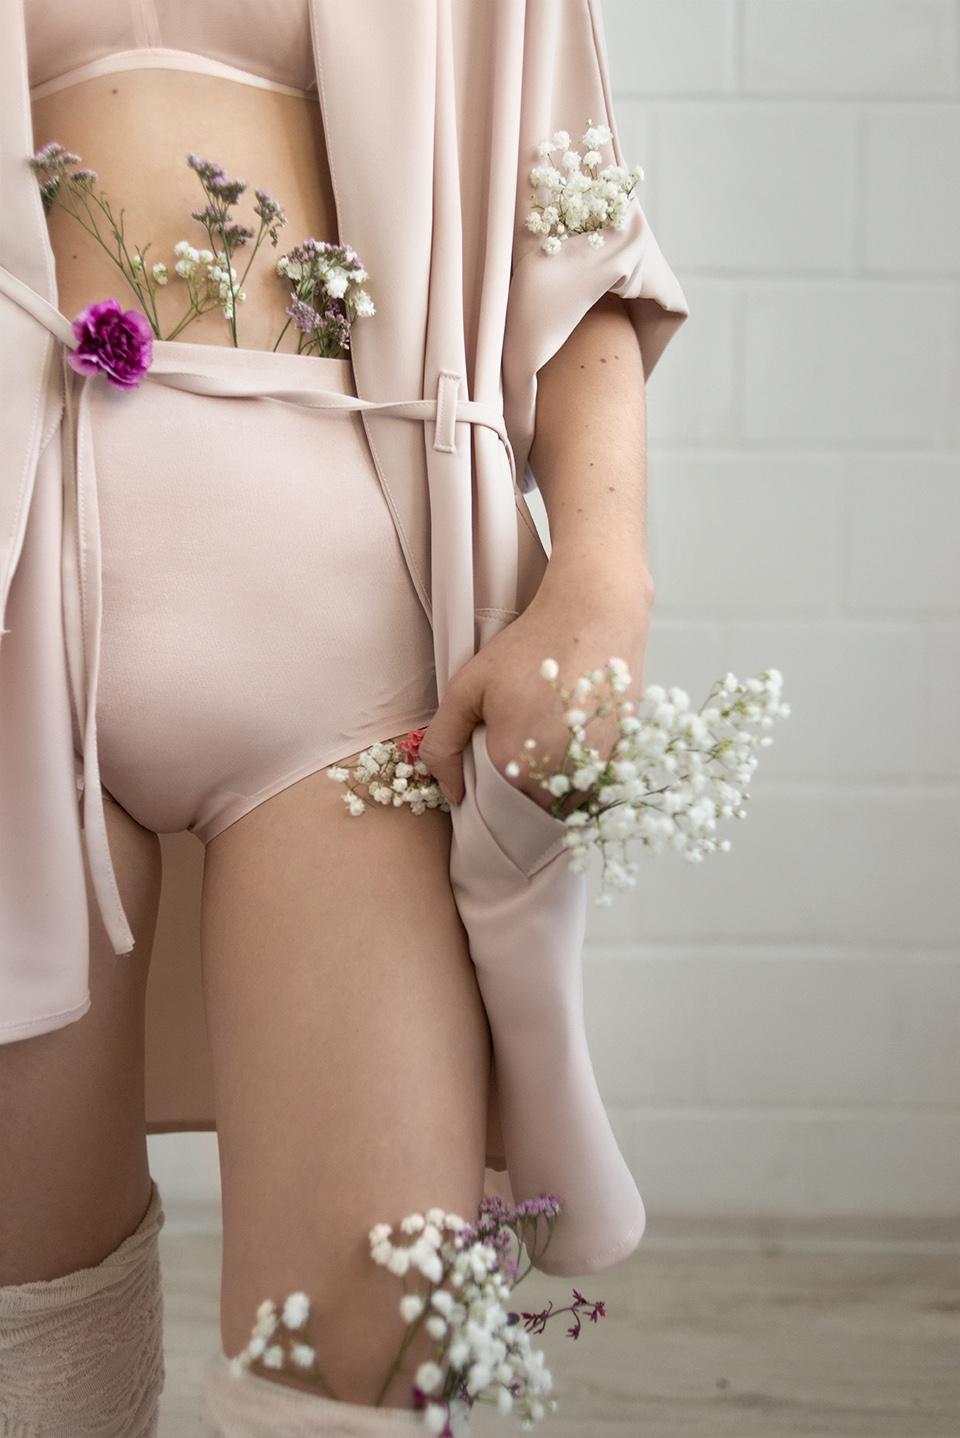 Kobieta od pasa do kolona ubrana w brudno-różową bieliznę, z kwiatami w dłoniach i za linią majtek